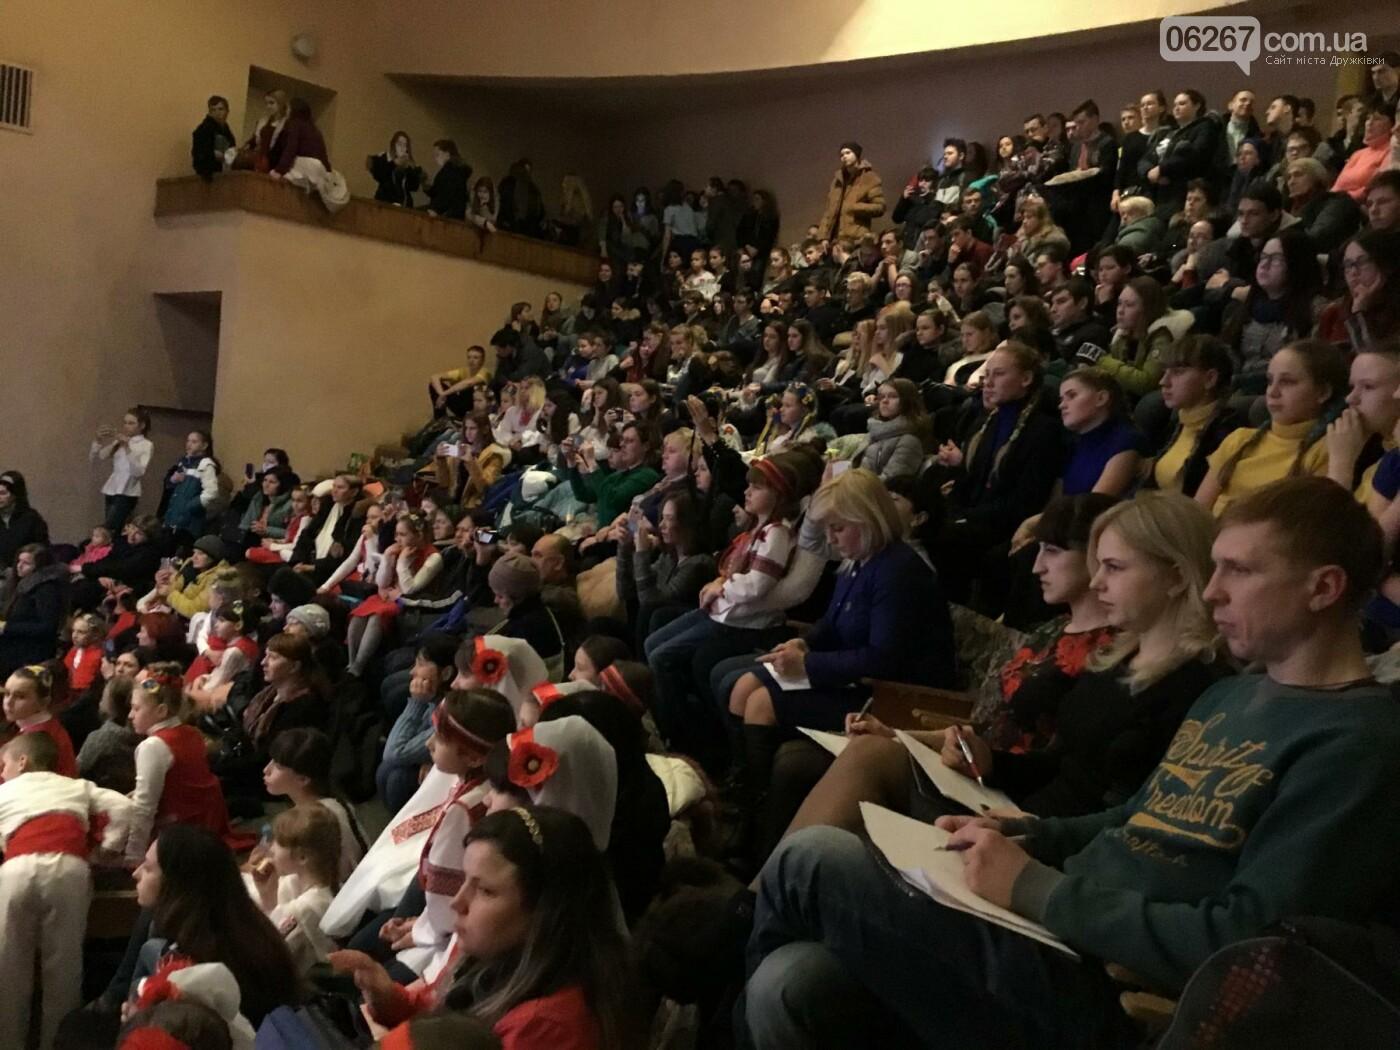 Танцевальный конкурс «Территория Дэнс» в Дружковке бьет рекорды посещаемости (ФОТО, ВИДЕО), фото-2